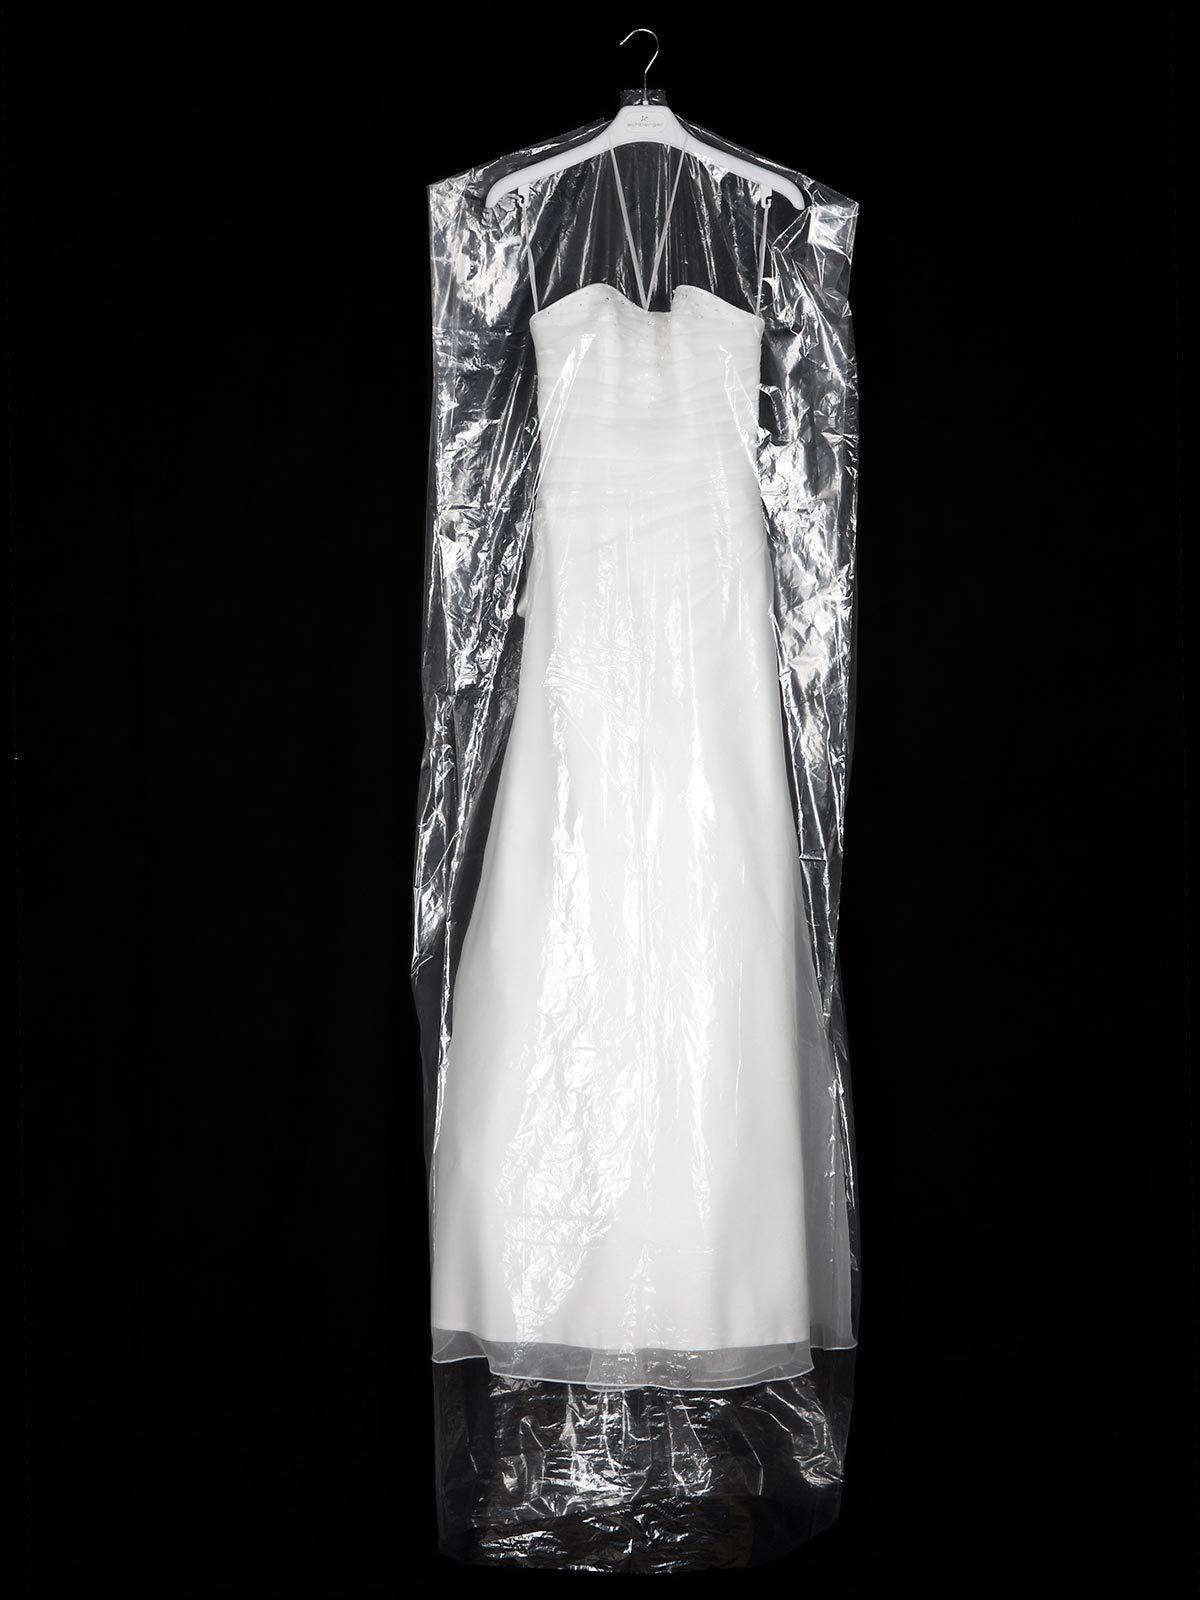 Kleiderhlle transparent von Achberger auf Jade